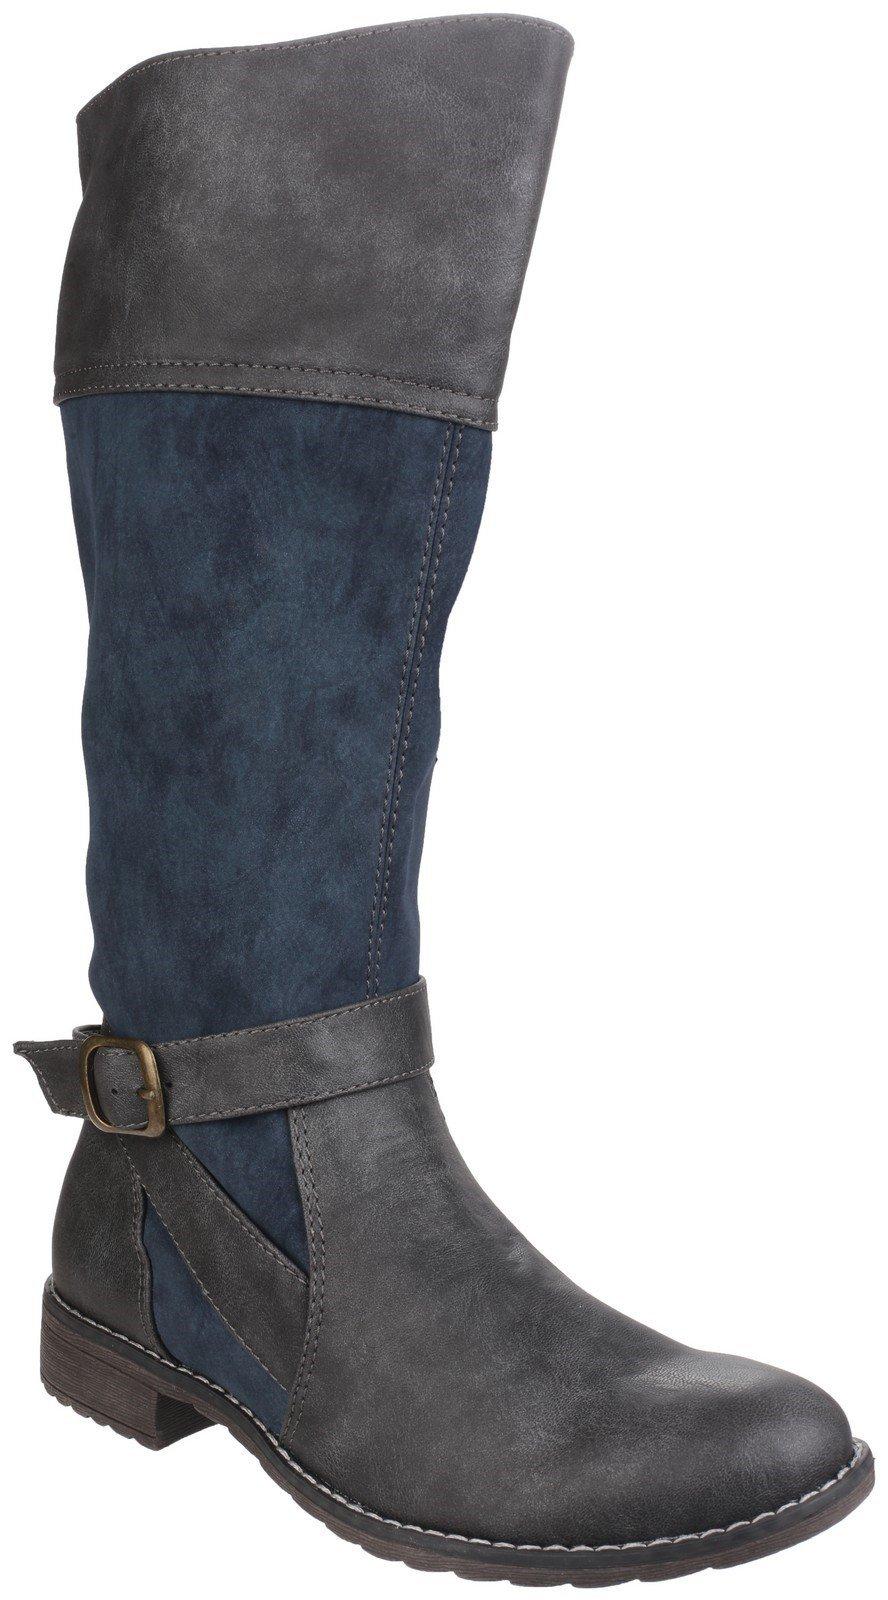 Divaz Women's Garbo Zip Up Boot Black 24268-40012 - Navy 3